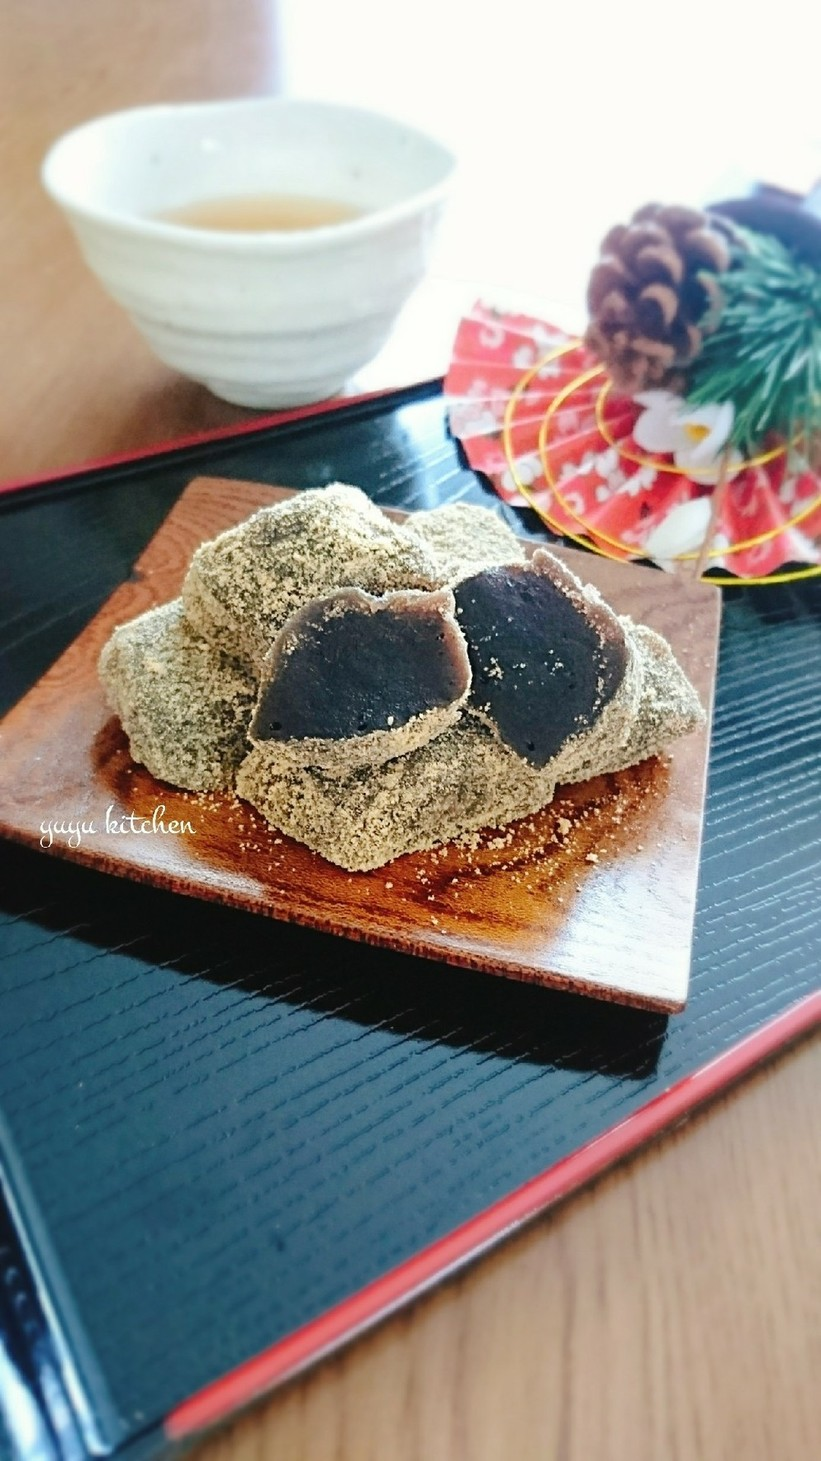 黒豆の煮汁リメイク☆信玄餅風わらび餅。